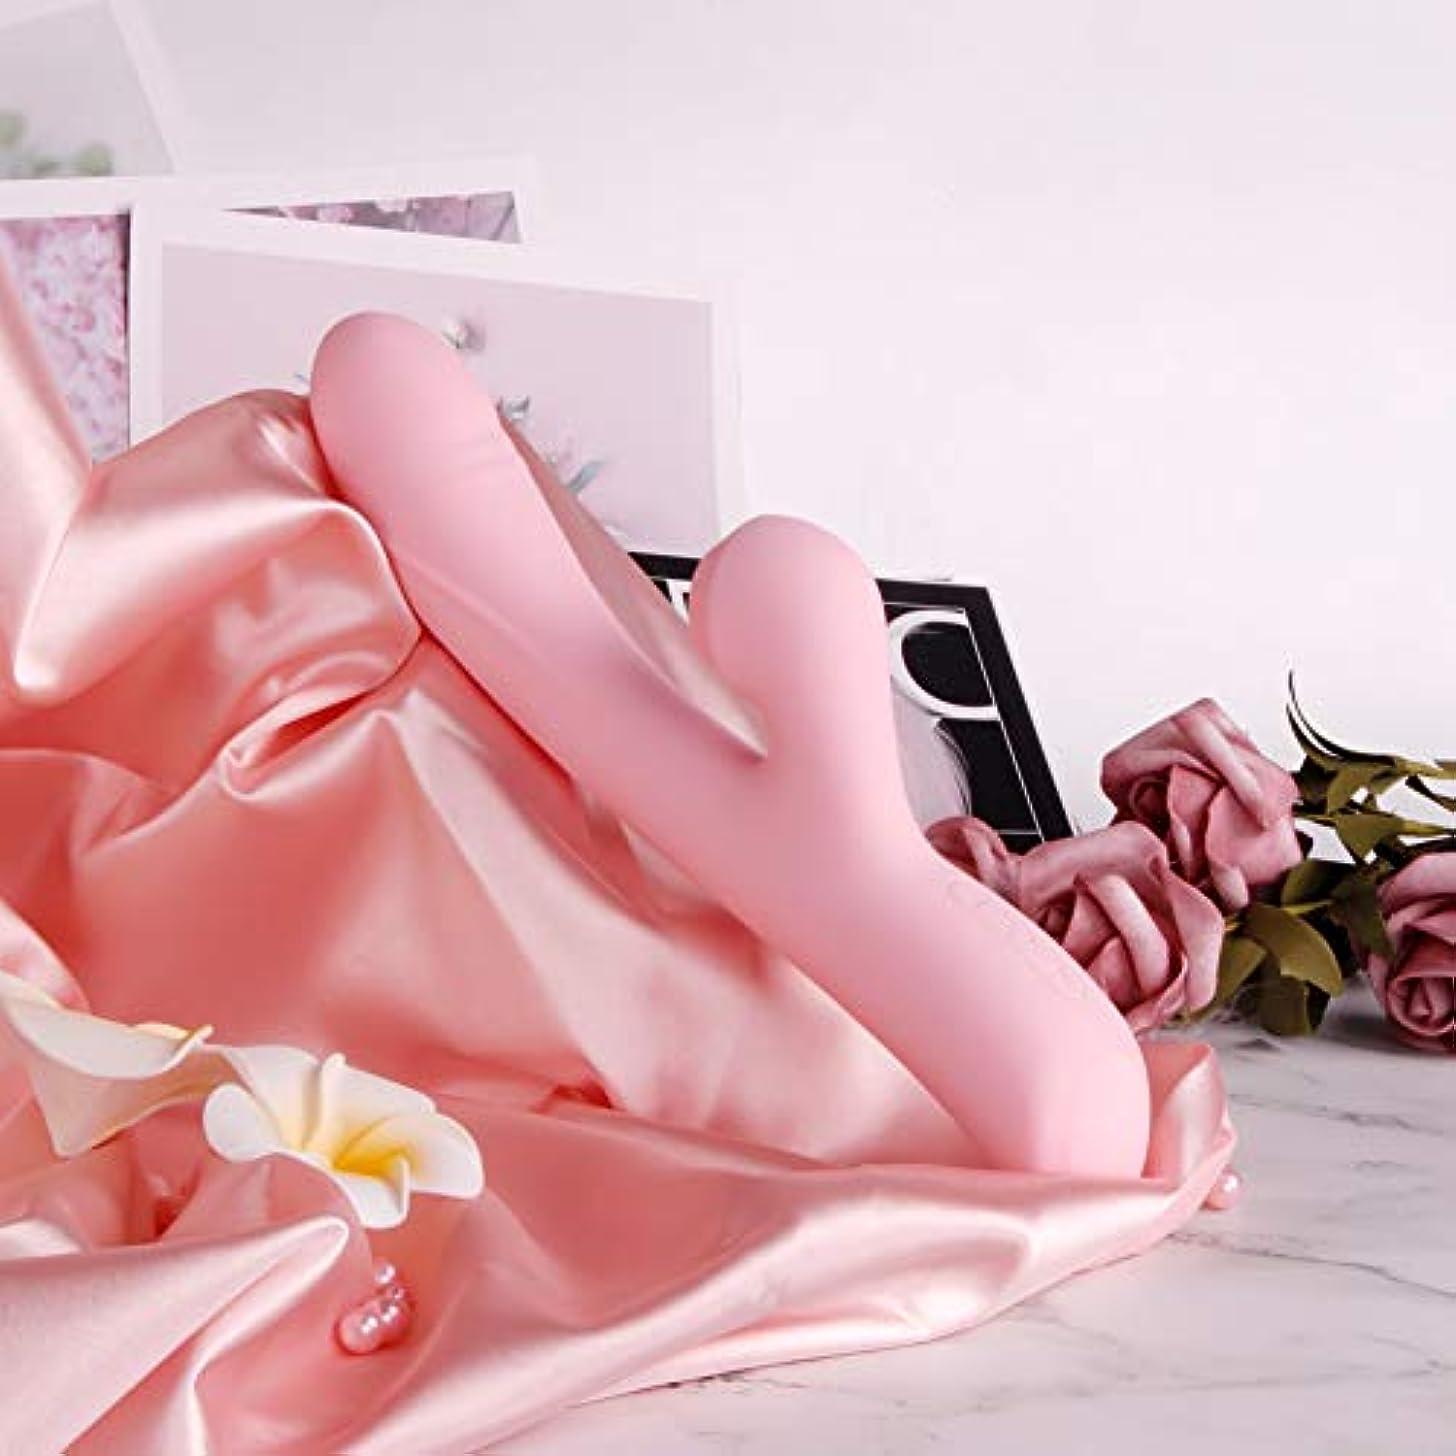 干渉シャットはい脚 マッサージ バイブレーターUSB充電式 AVマジック ワンドバイブレーター マッサージャー 大人のおもちゃ女性用 10スピード電動マッサージ器 42度加熱 自由に曲げられる (ピンク色)